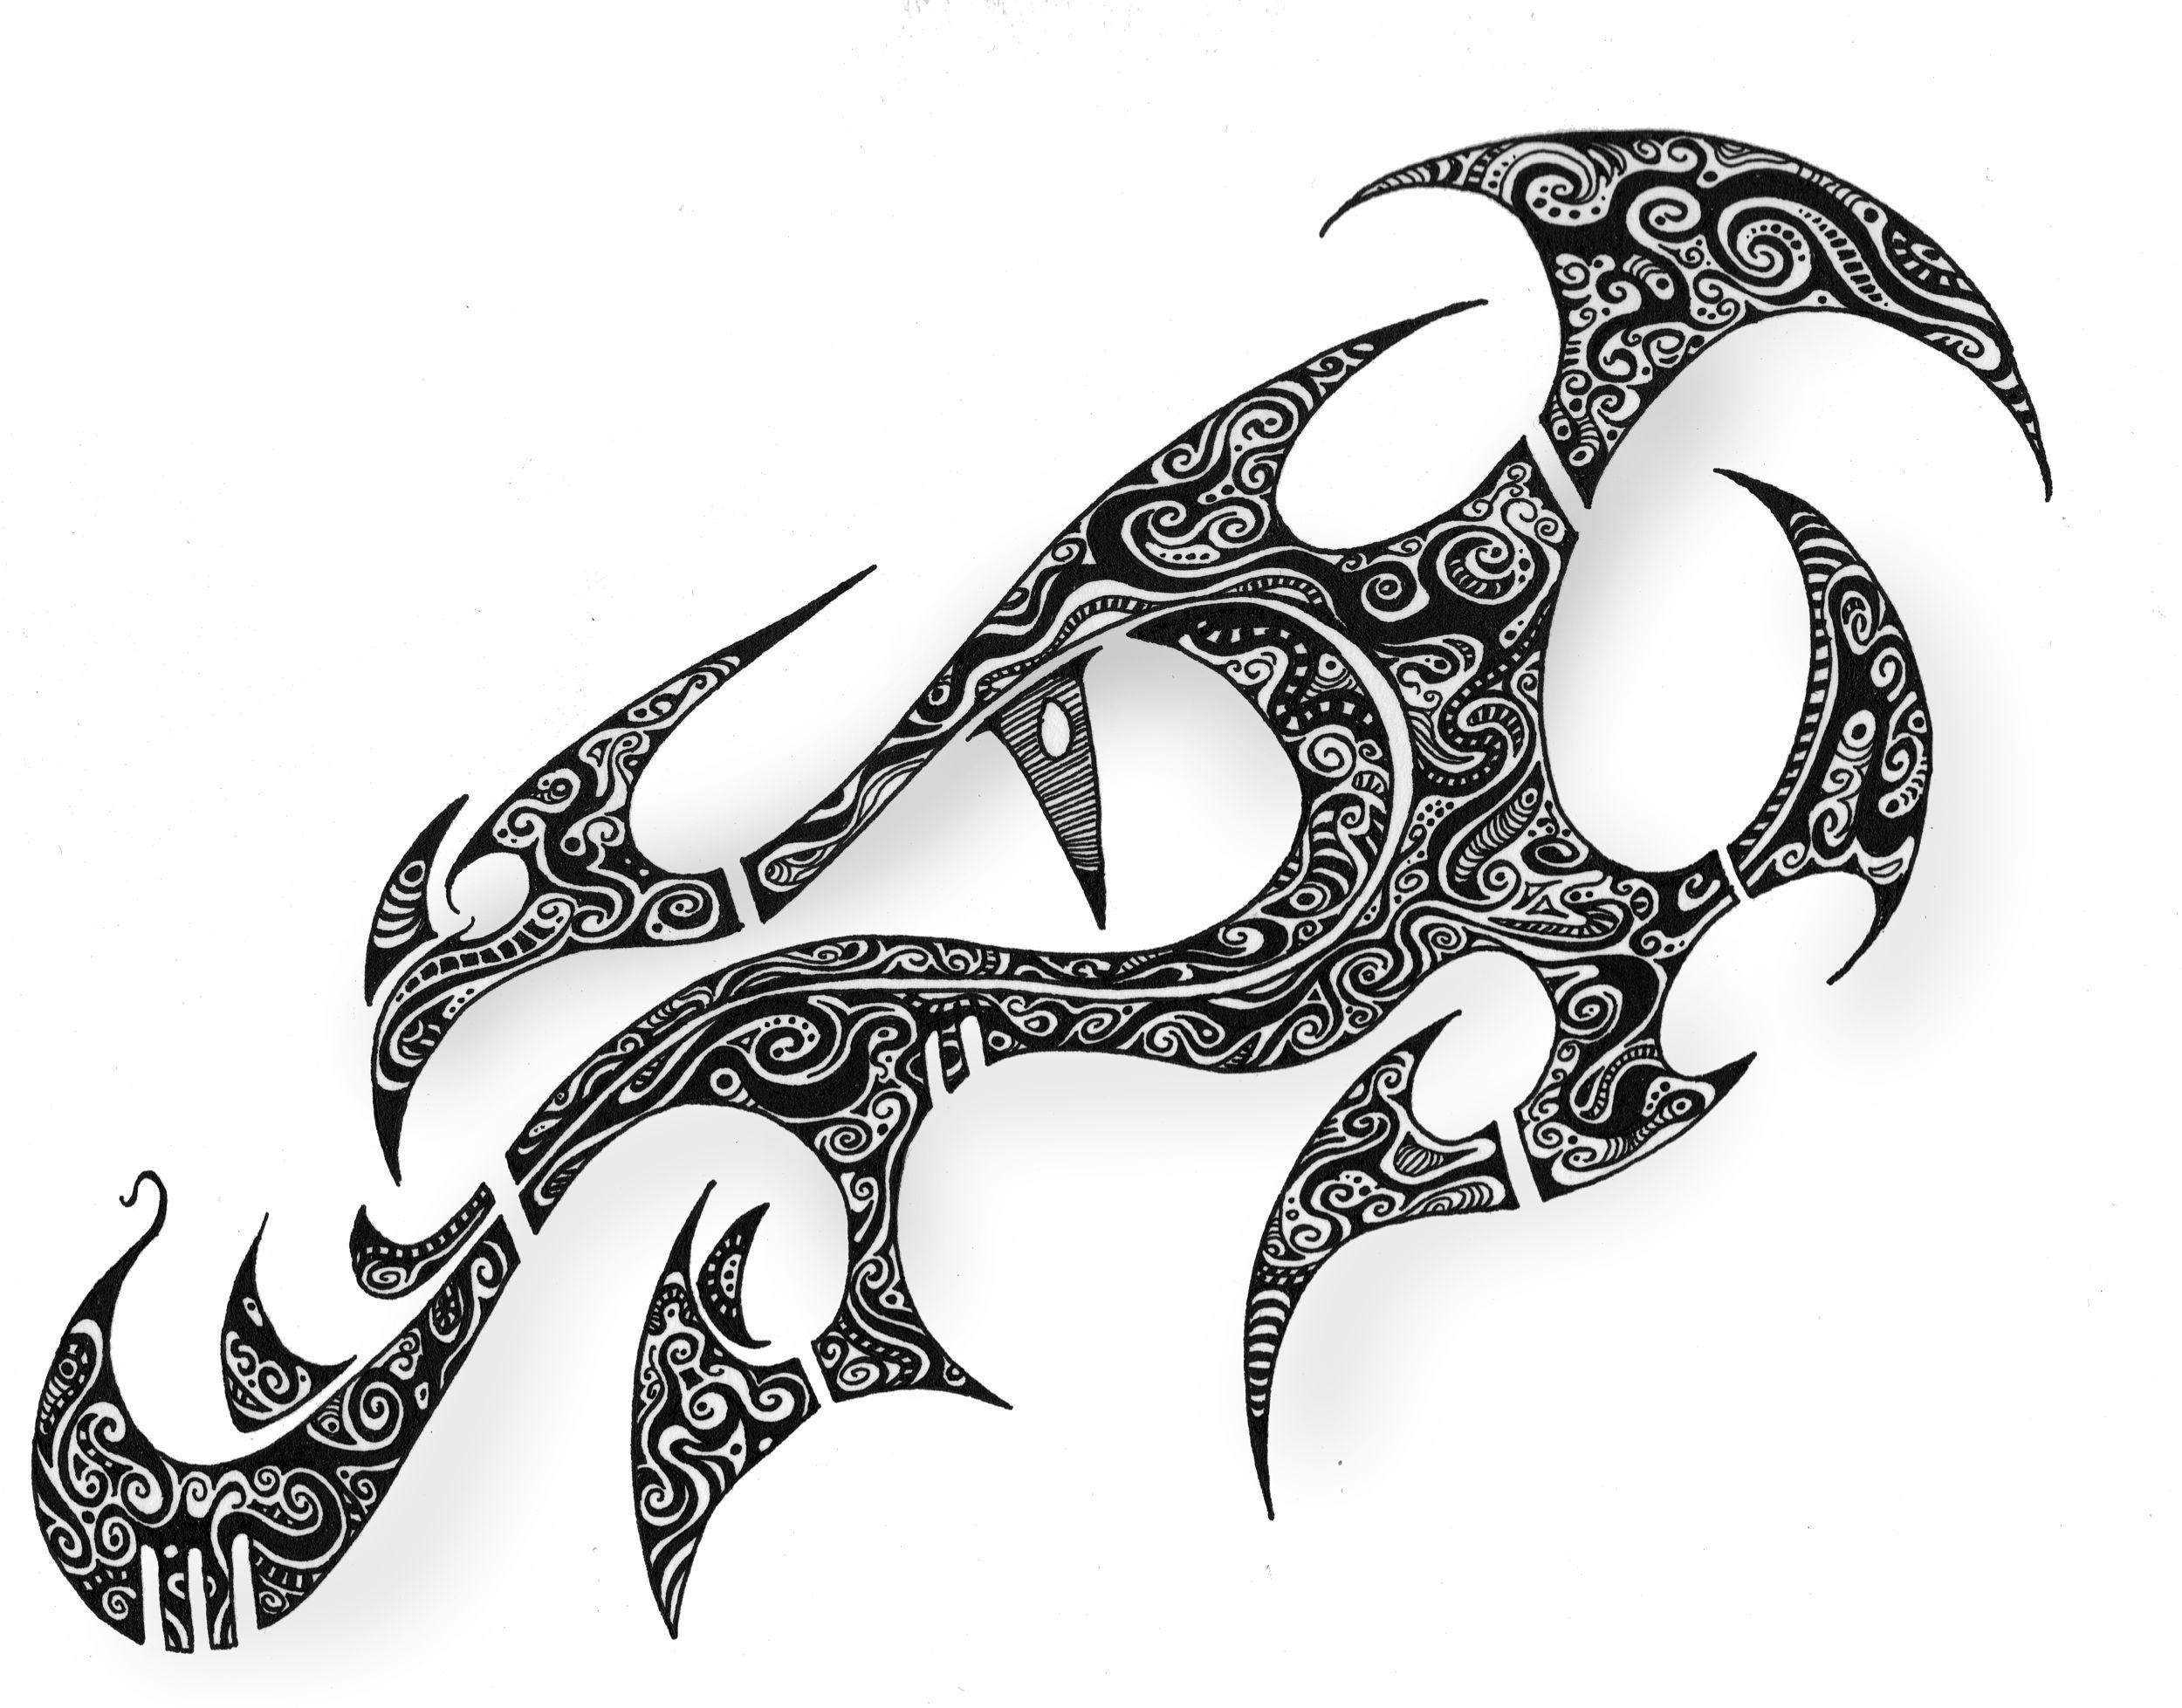 Dragon eye tattoo armband tattoo design free tattoo